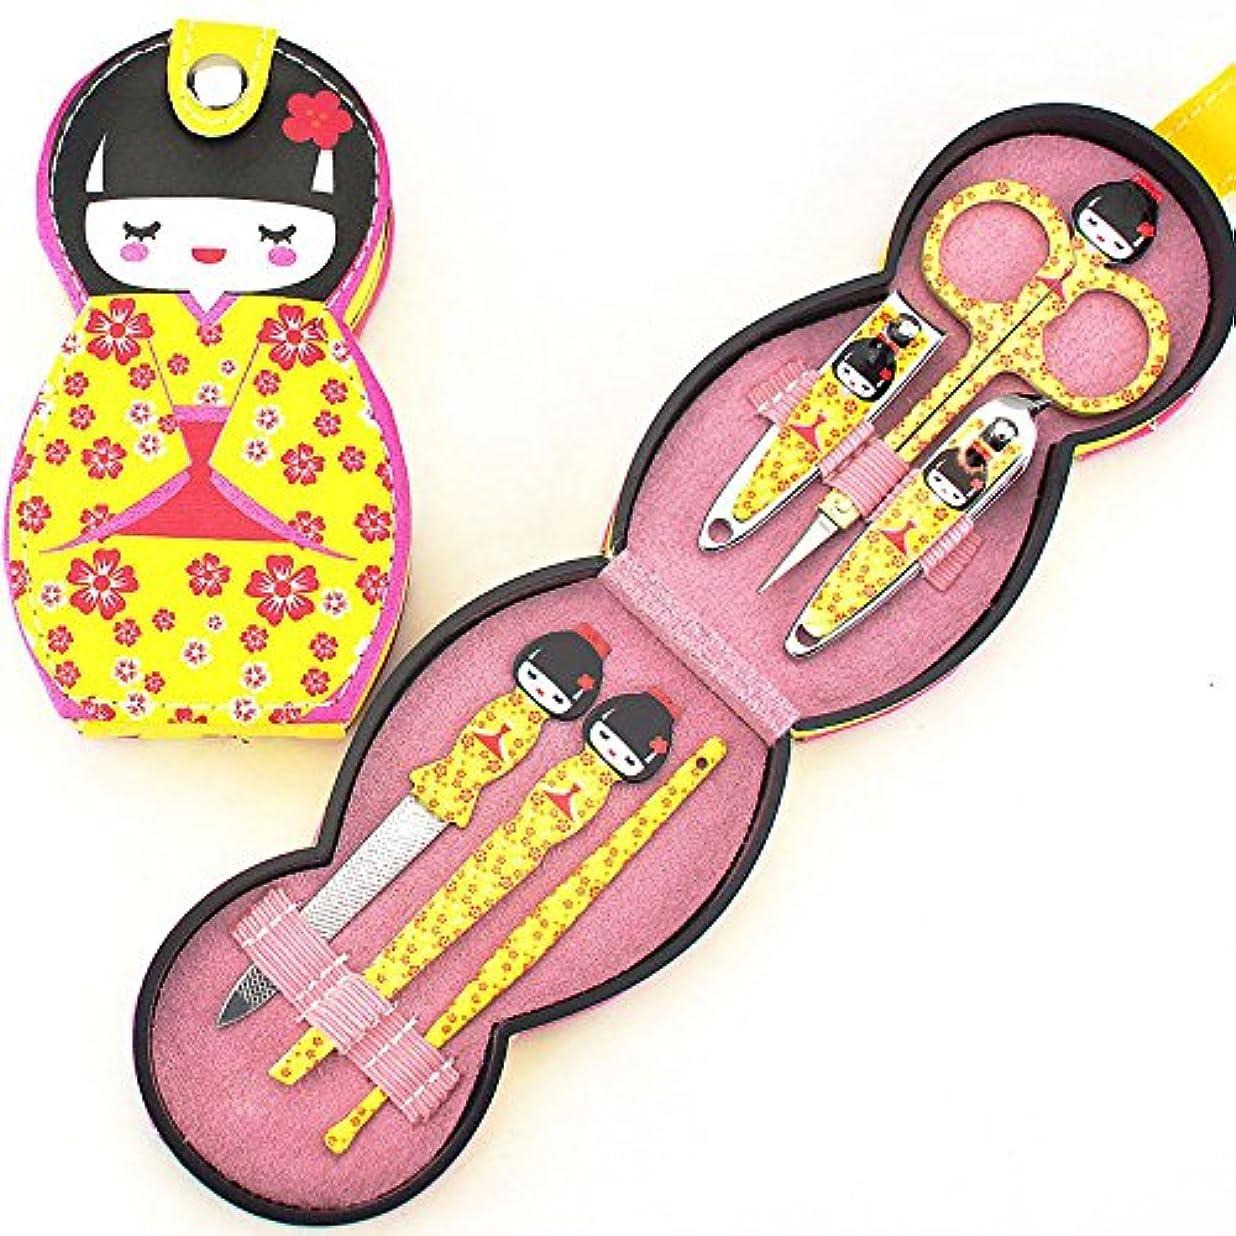 債務者下着ディレイZlianhui 6ピース日本人形ネイルケアセット、ネイルケアセット装飾ネイル美容セット旅行 (Yellow)